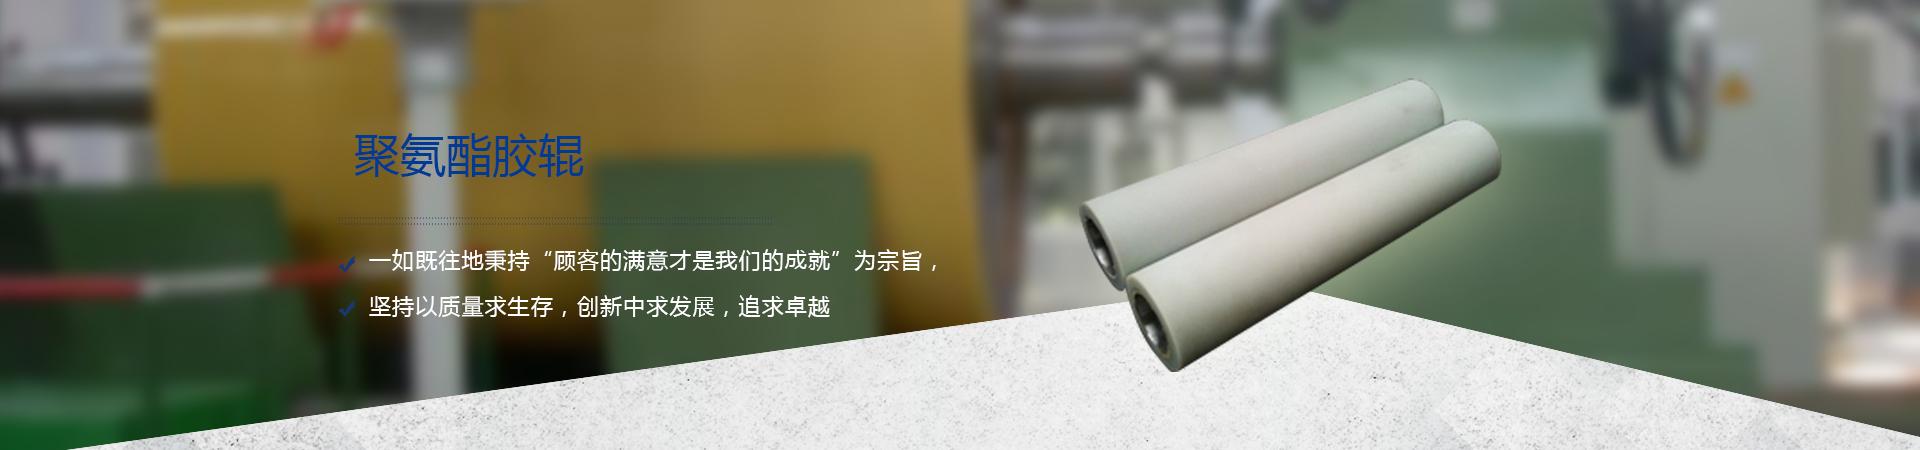 http://www.jazjg.cn/data/upload/202009/20200908032924_430.jpg